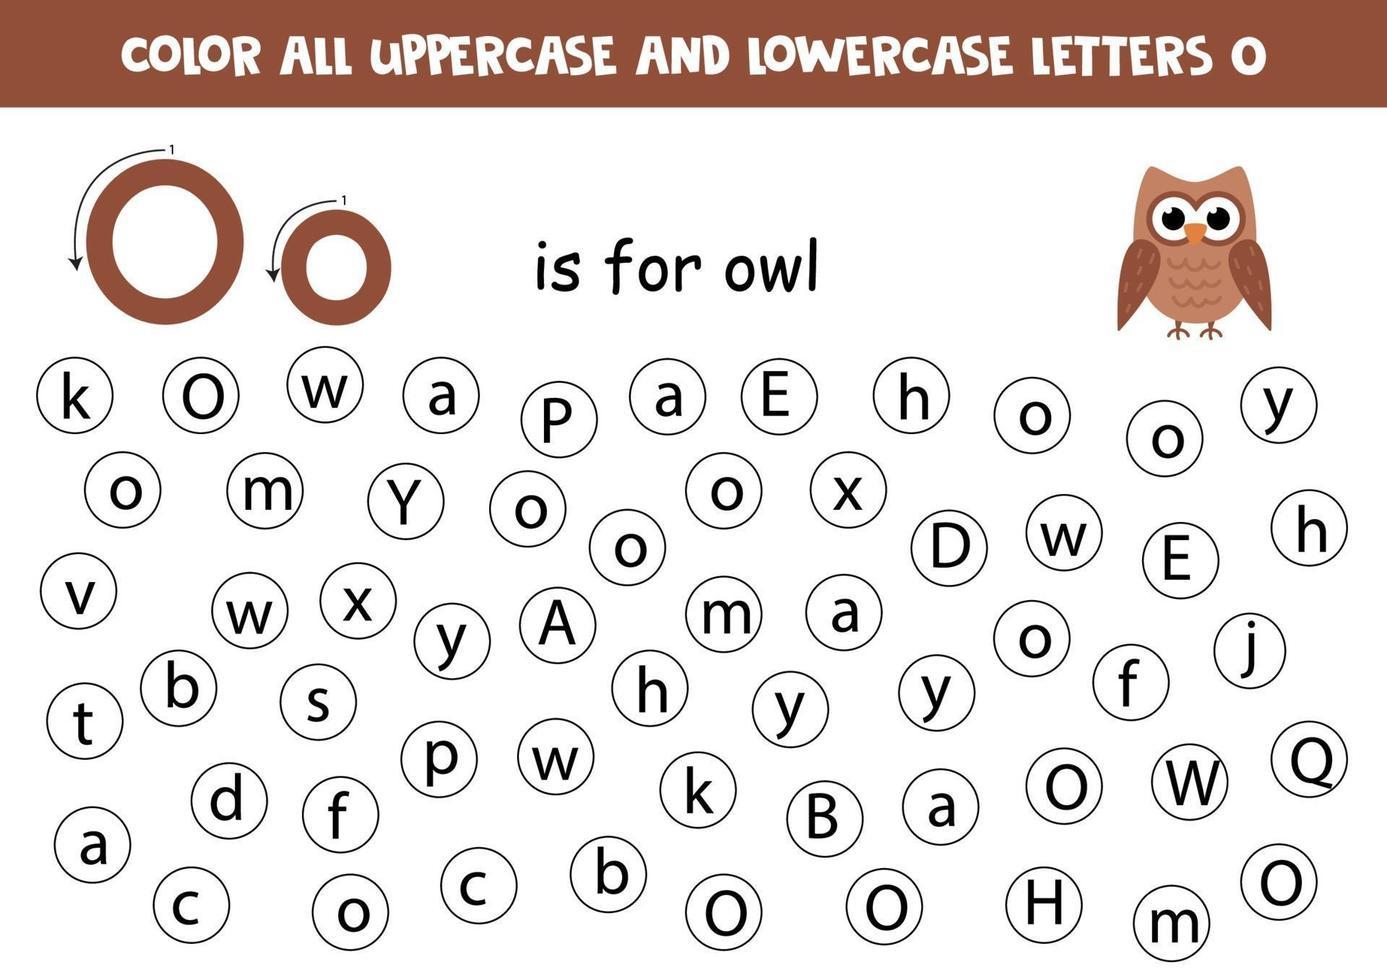 hitta och färga alla bokstäver o. alfabetiska spel för barn. vektor